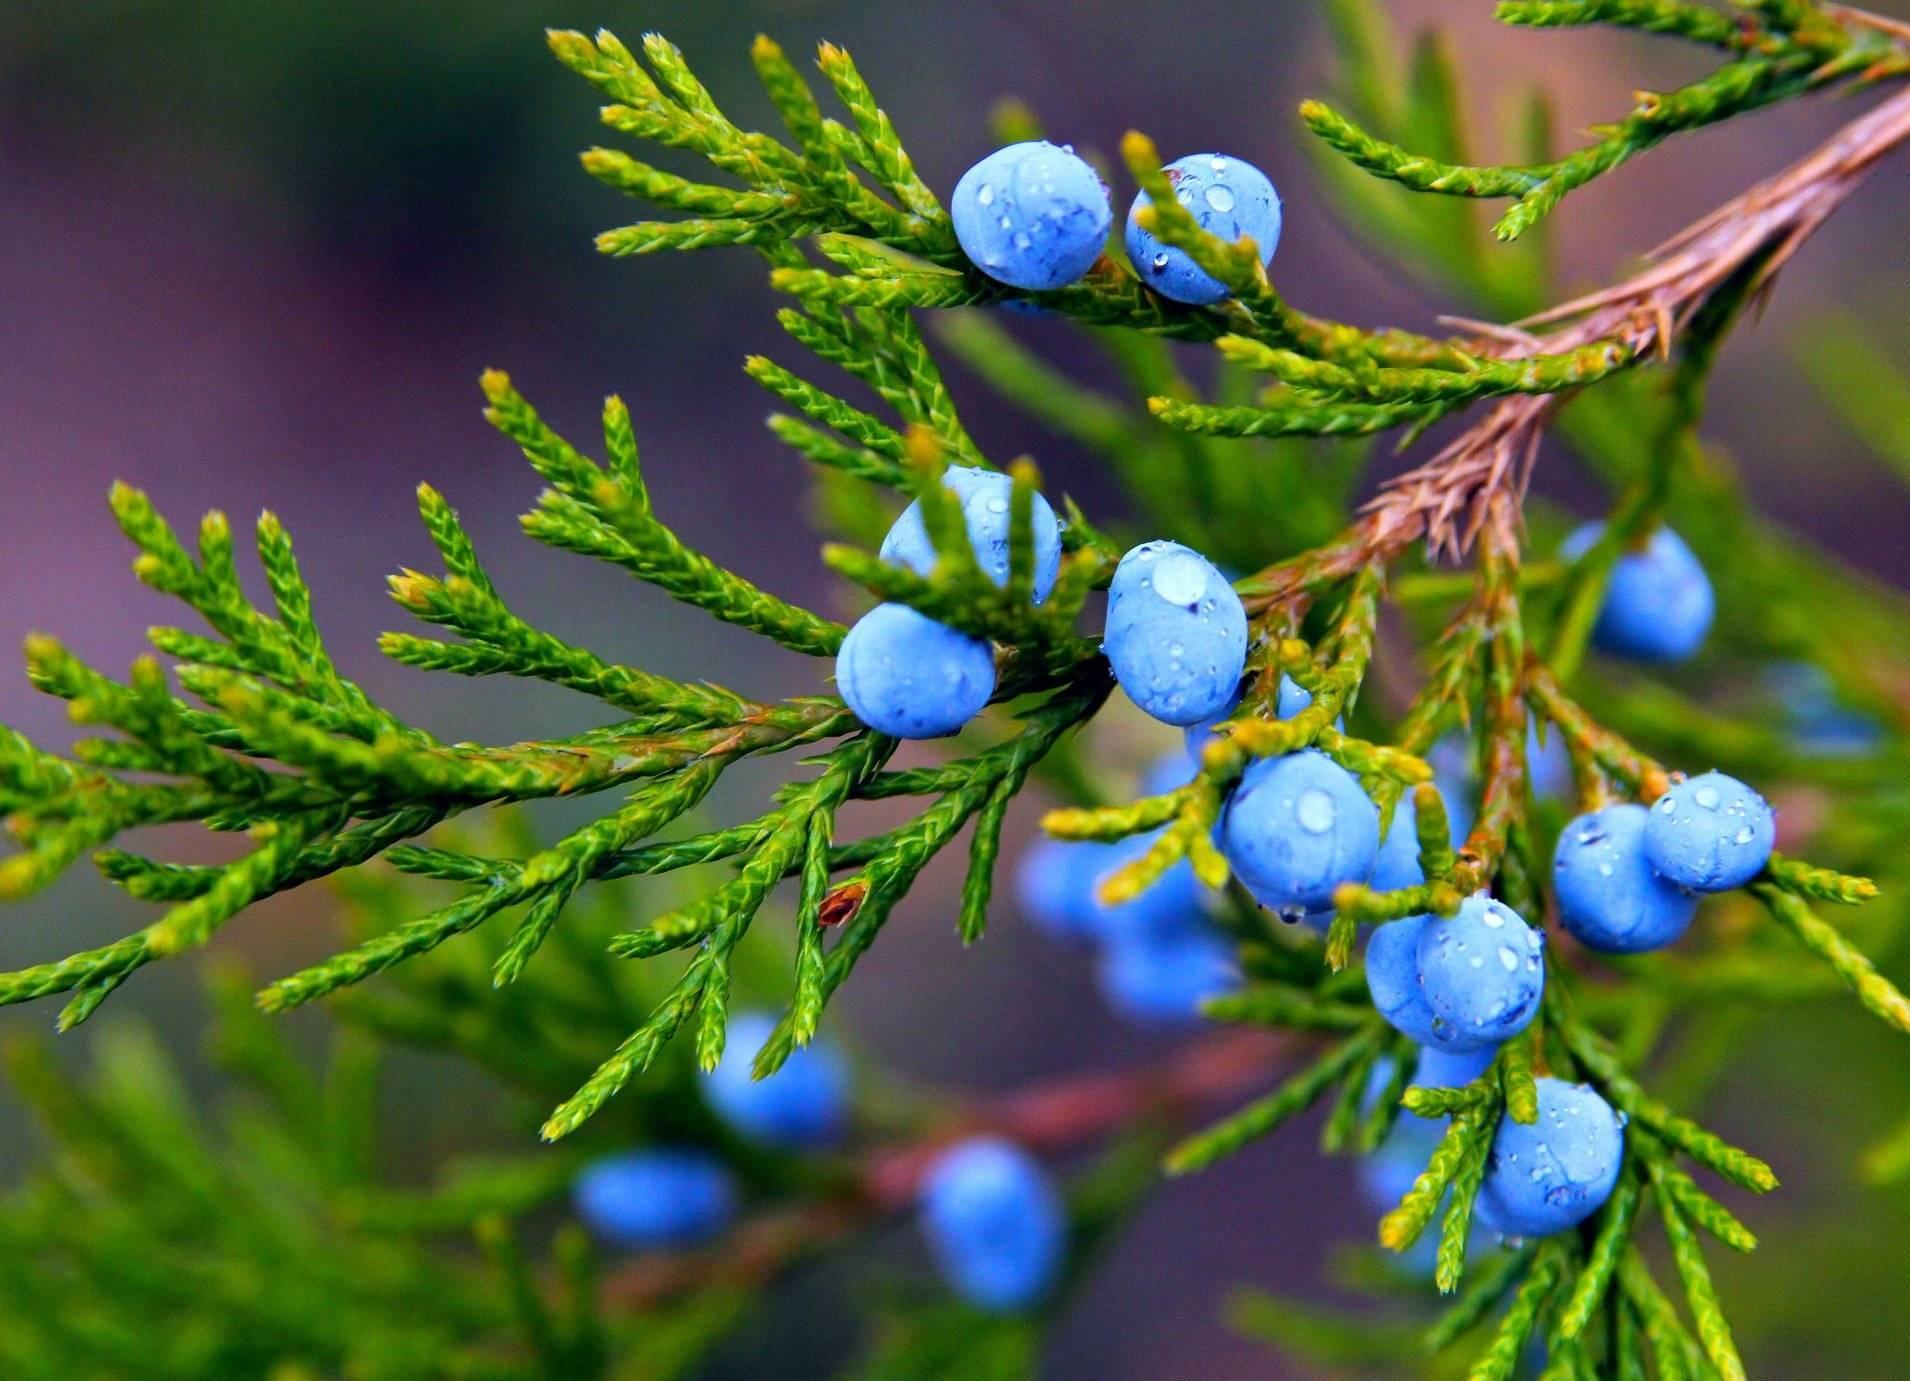 Лечебные свойства и применение ягод можжевельника